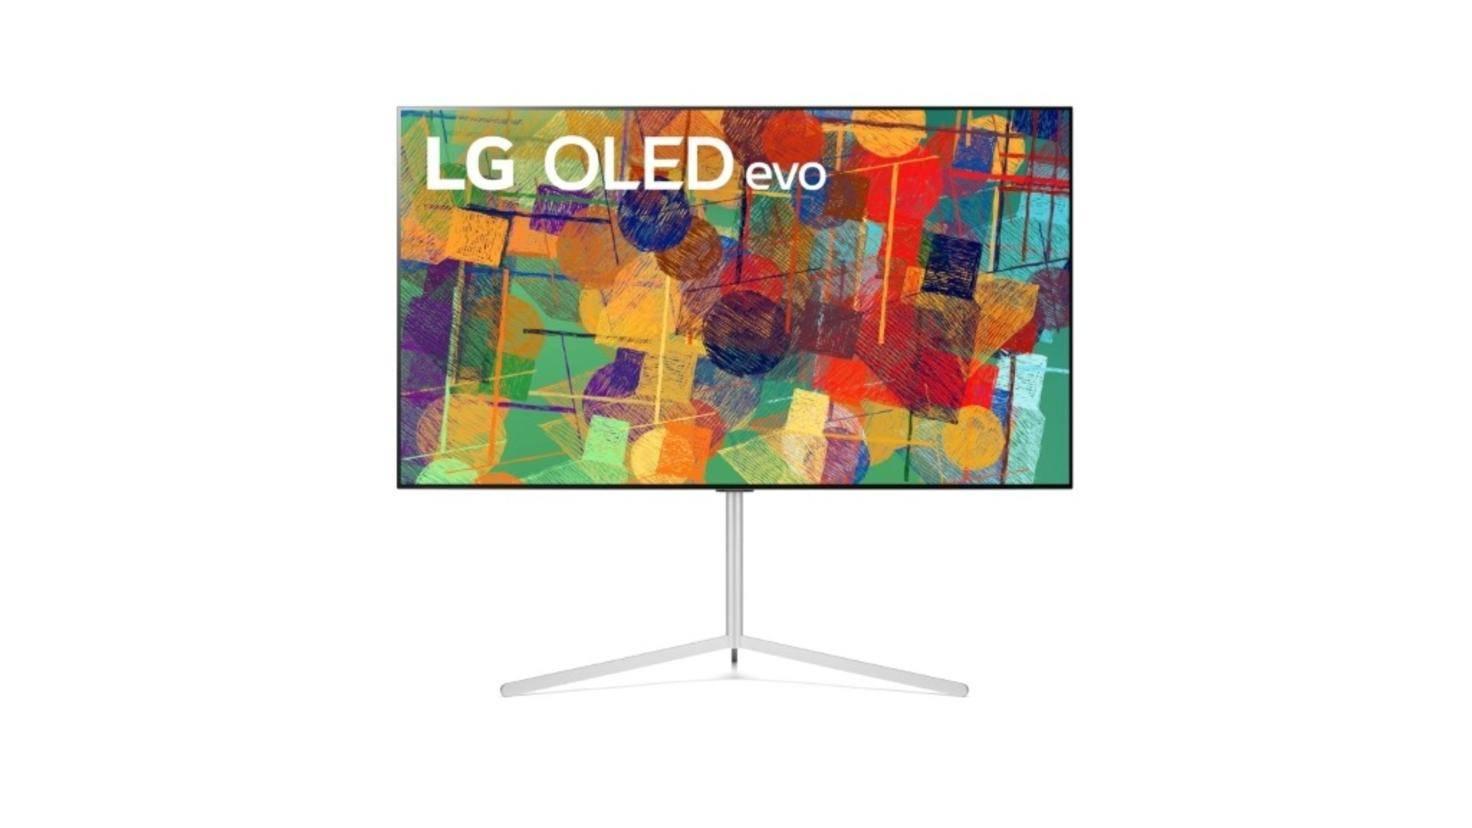 LG-OLED-evo-65-G1-Front_resized